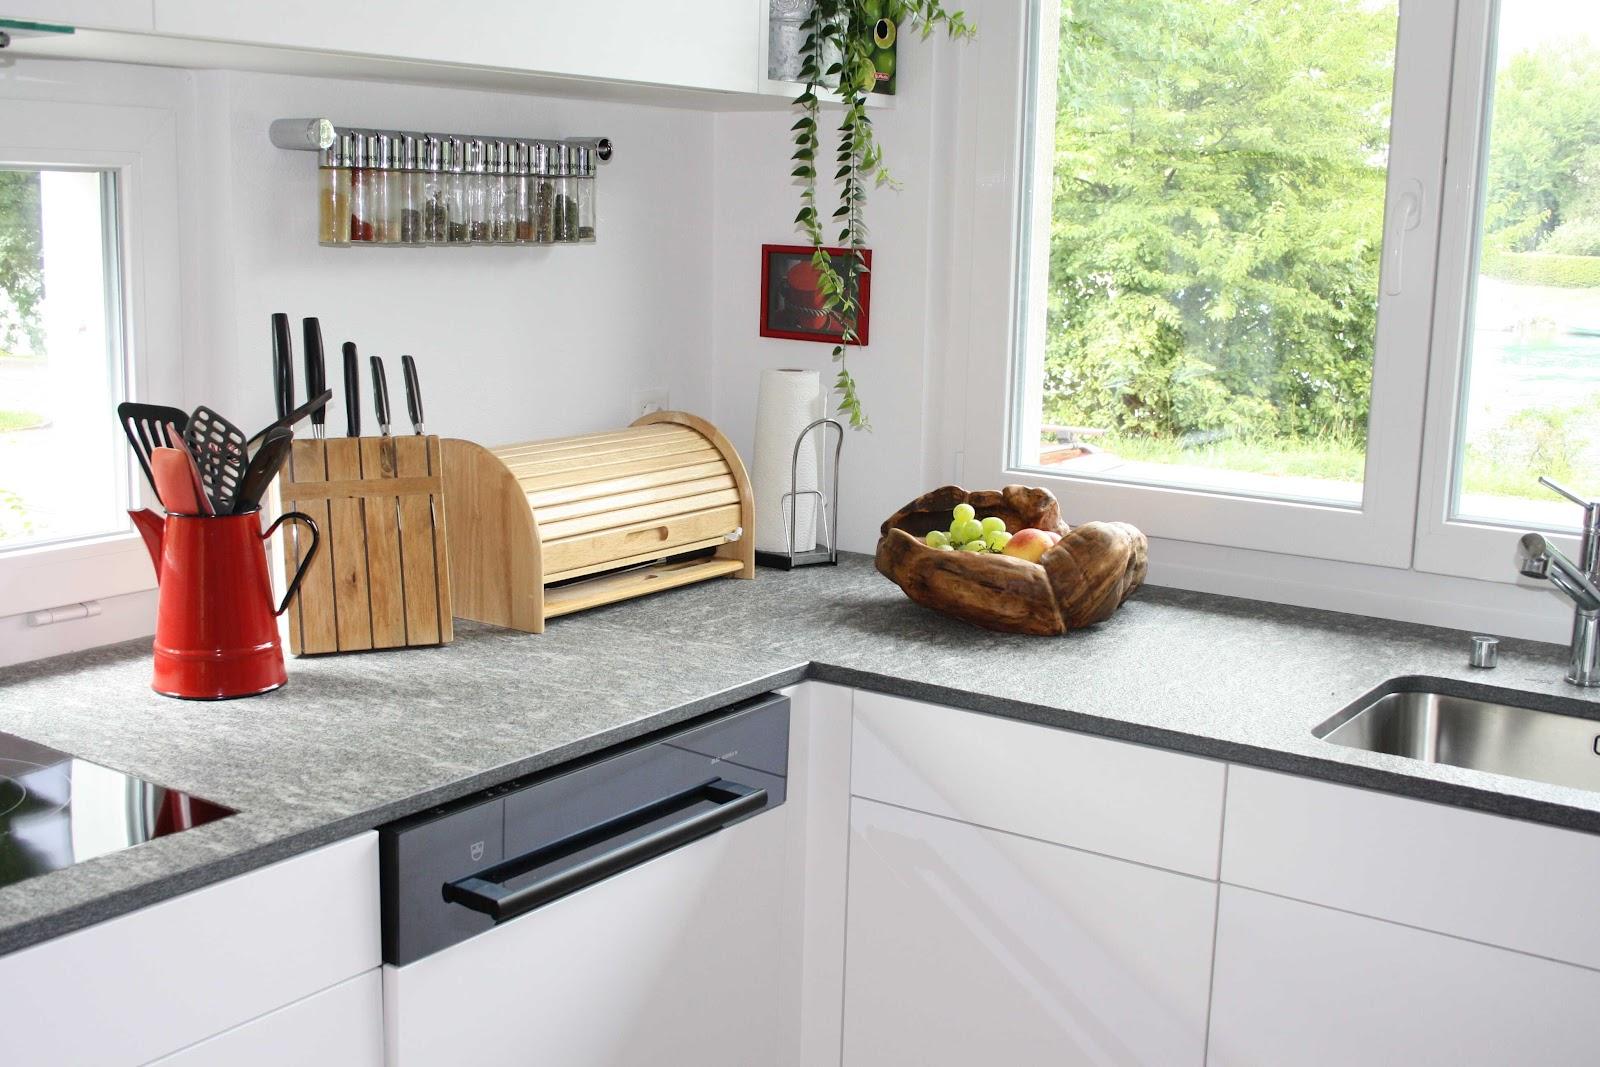 Küche Bilder Deko | Meckelburg Grün Erleben Frische Für Die Küche